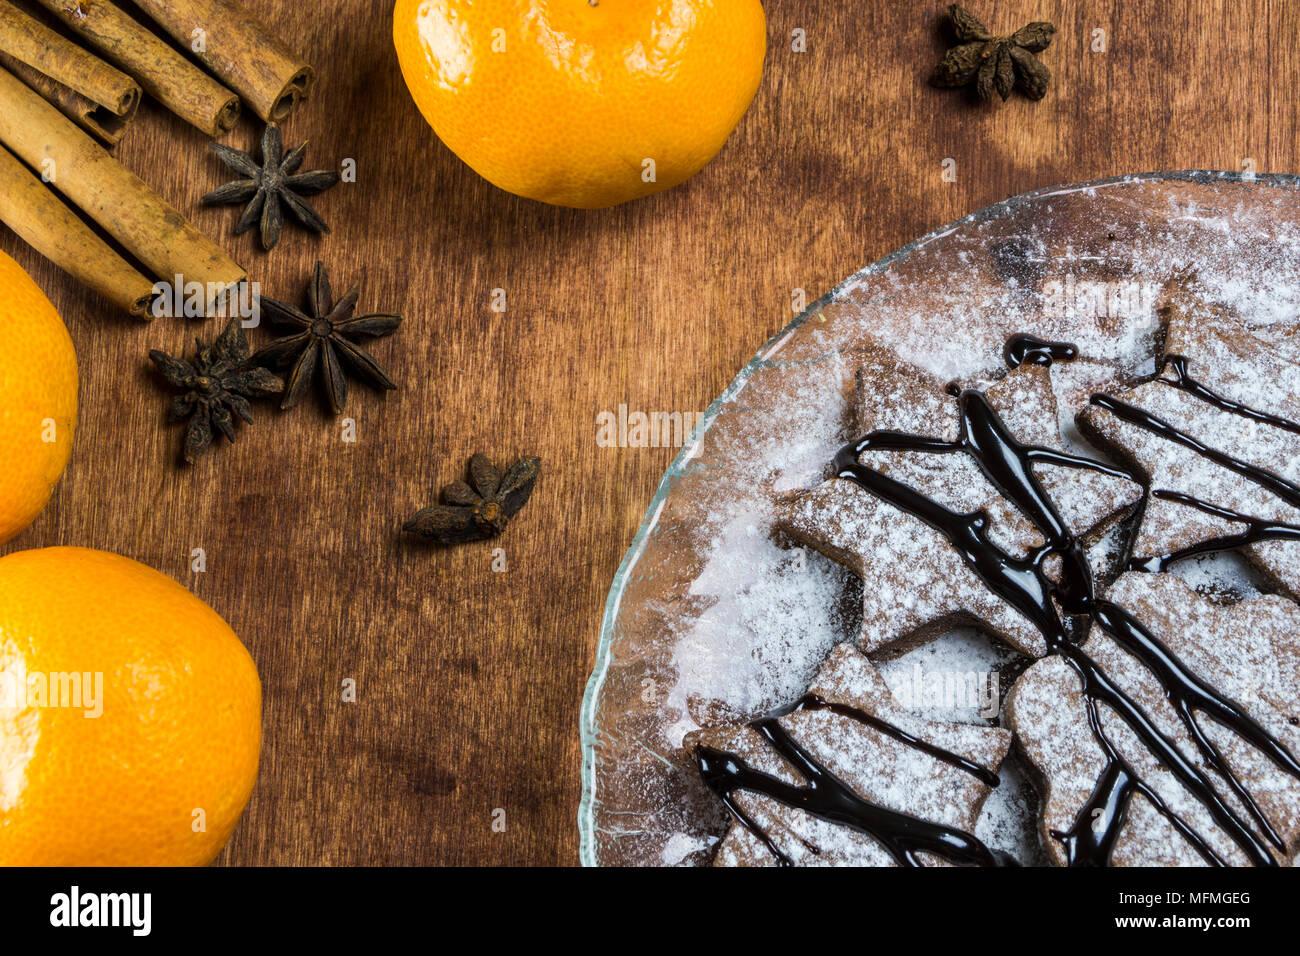 Galletas de jengibre con crema de chocolate sobre un fondo de madera, mandarina, canela Imagen De Stock